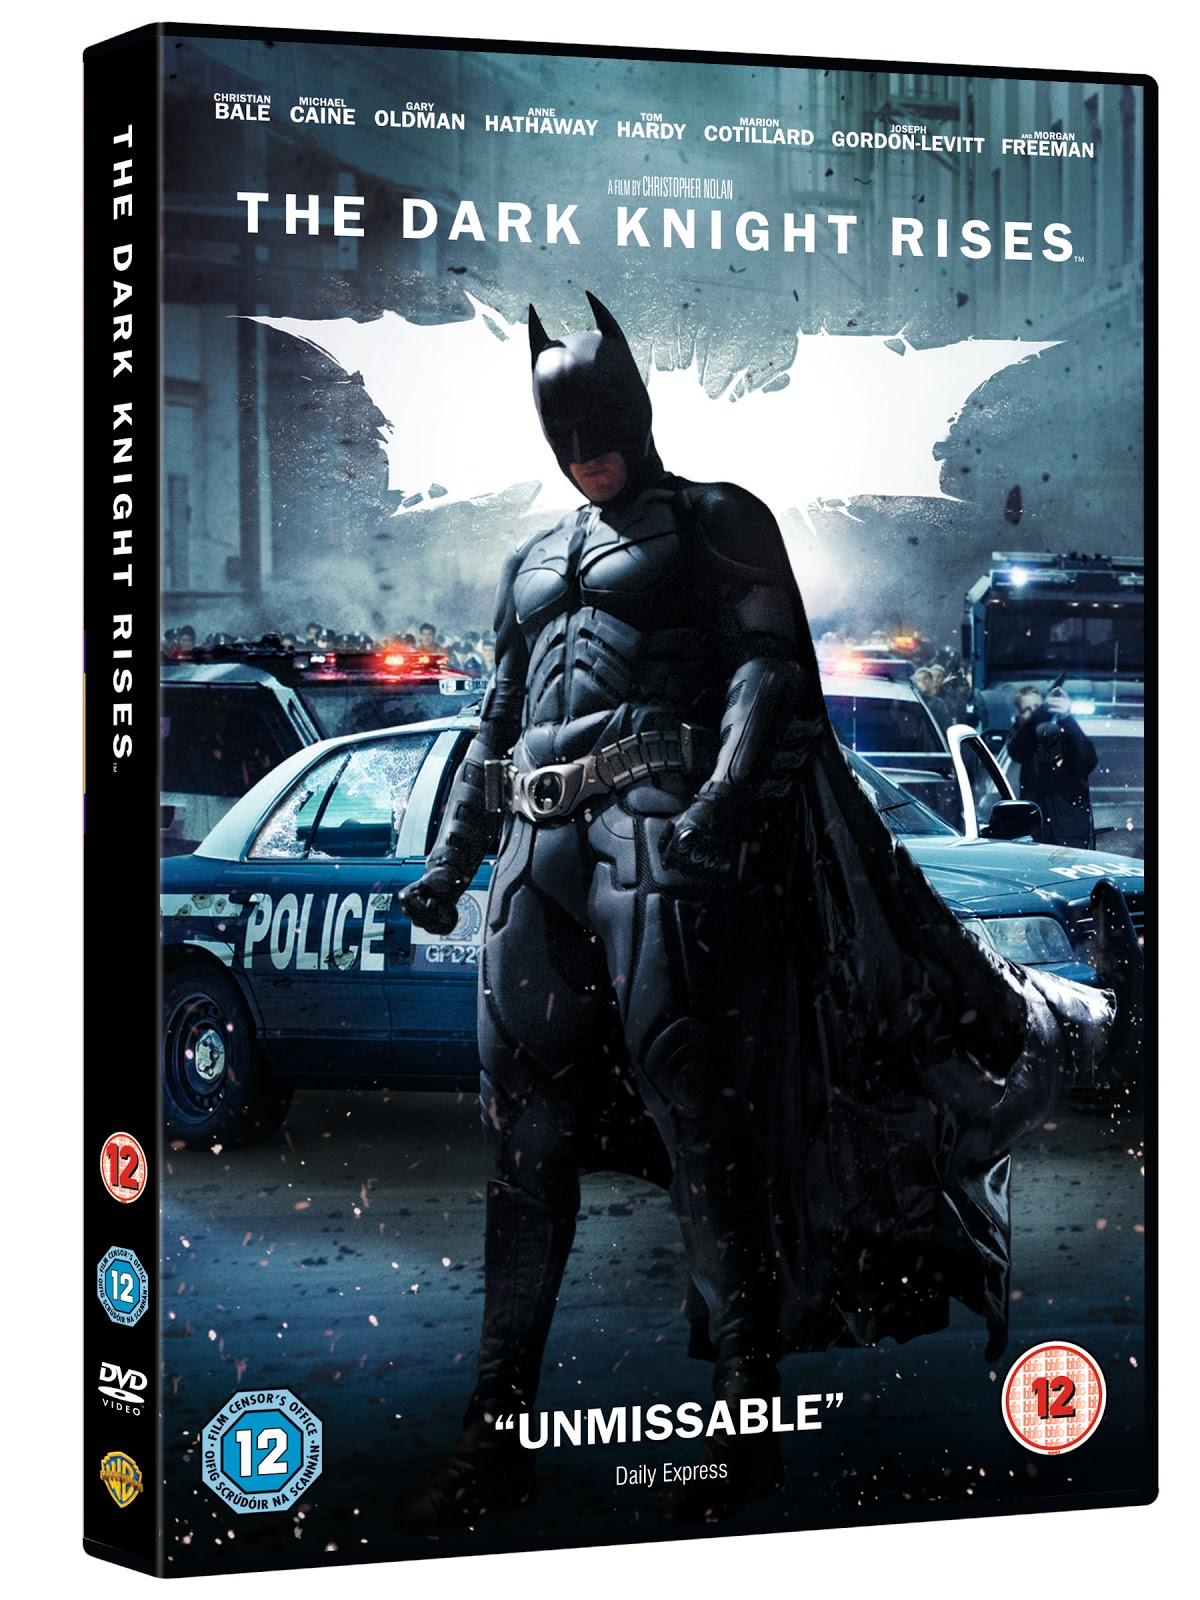 http://3.bp.blogspot.com/-jBGPykuSgzk/UNzKmhrNe9I/AAAAAAAAJoo/CjG3JTaR4uE/s1600/TDKR_3D_DVD_RETAIL.jpg